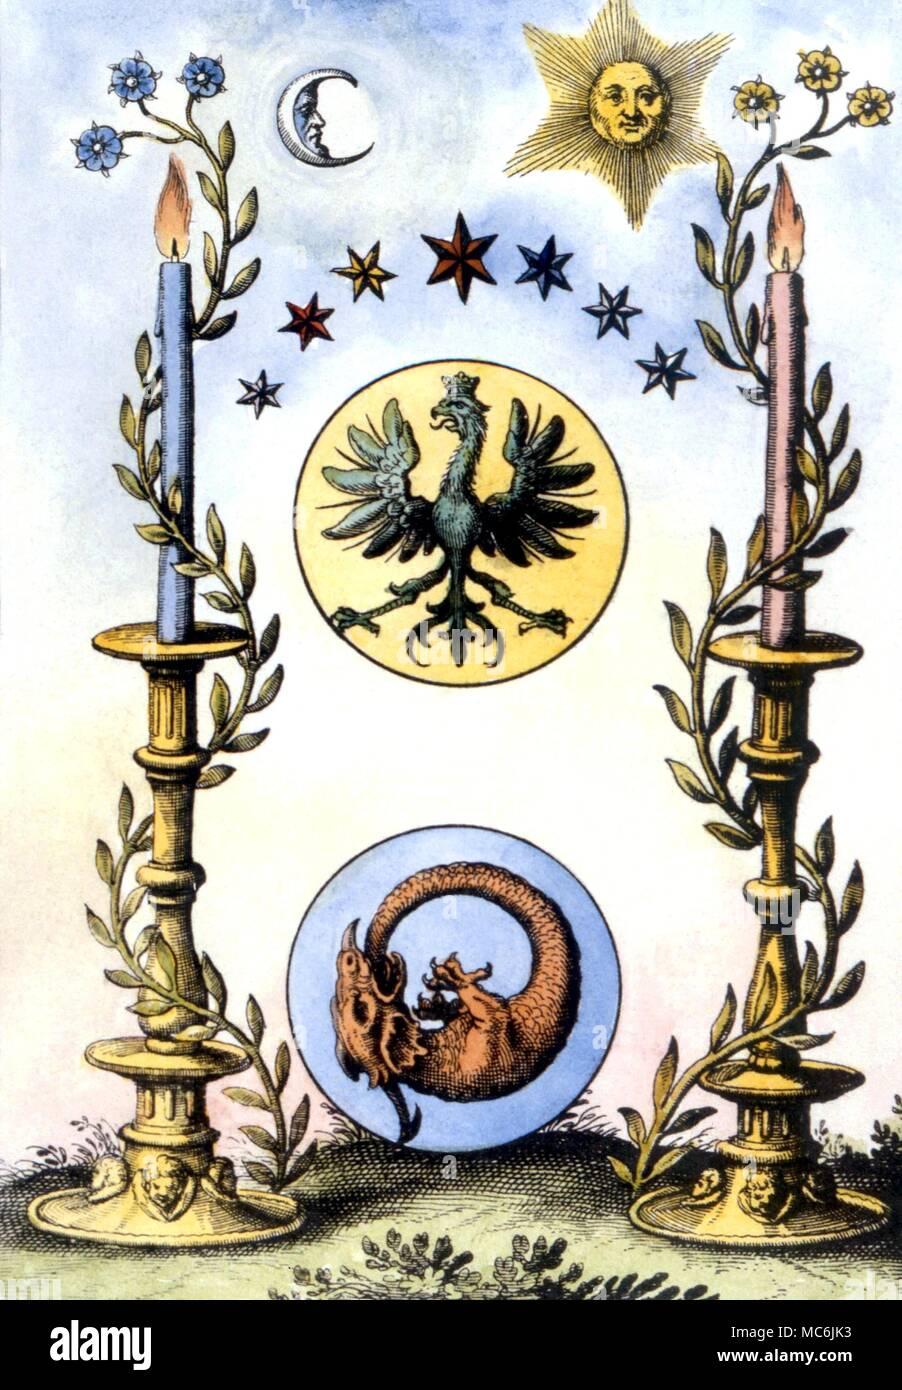 Alchimia - OURABOROS. Piastra emblematico, all'Aquila volatile e il drago Ouroborus, da Mylius' 'Anatomia Auri', 1628 Immagini Stock